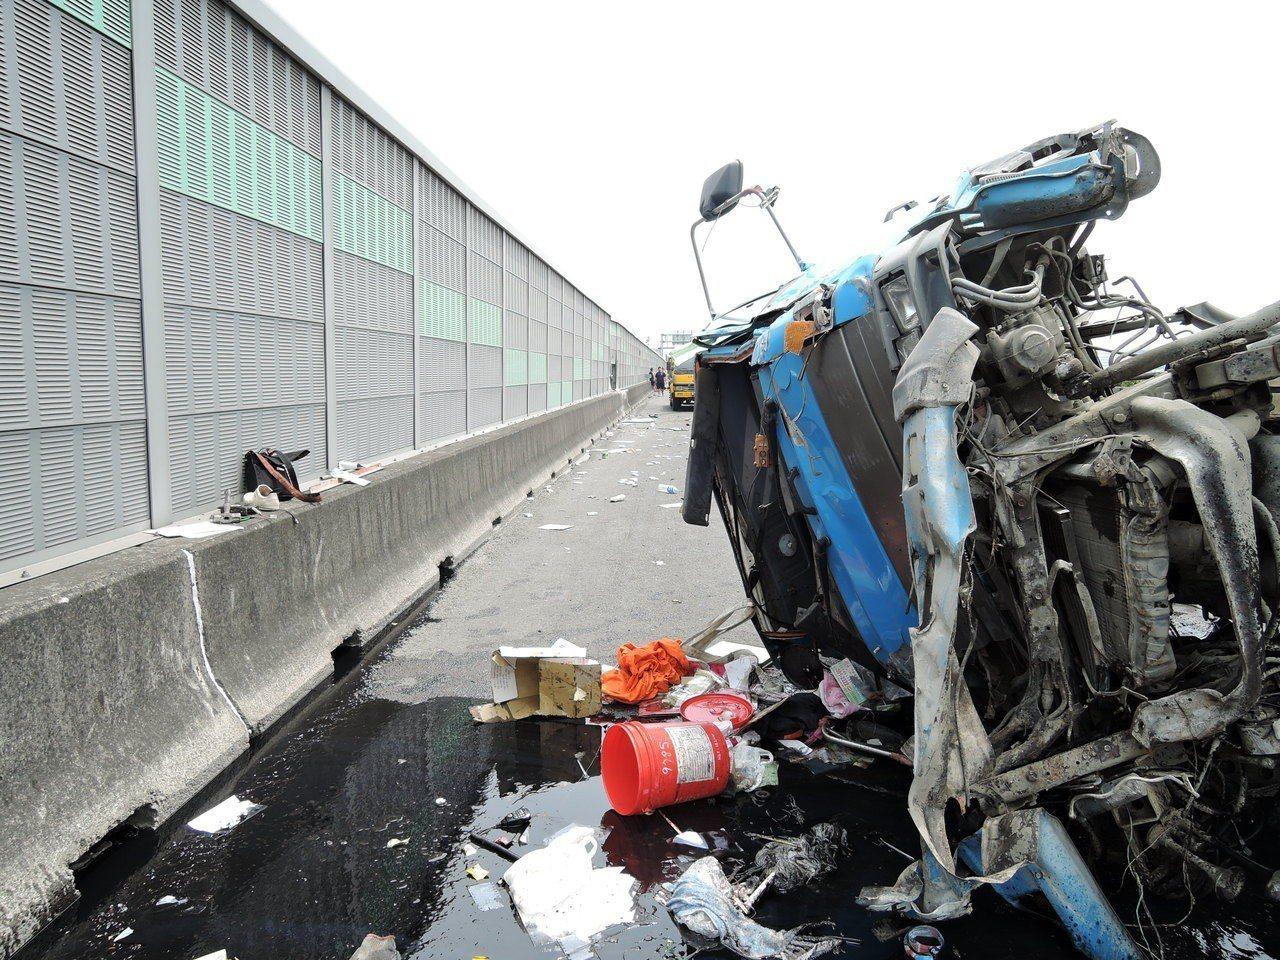 警方初步調查認為是傳動軸斷裂,機械故障導致翻車。記者林伯驊/翻攝